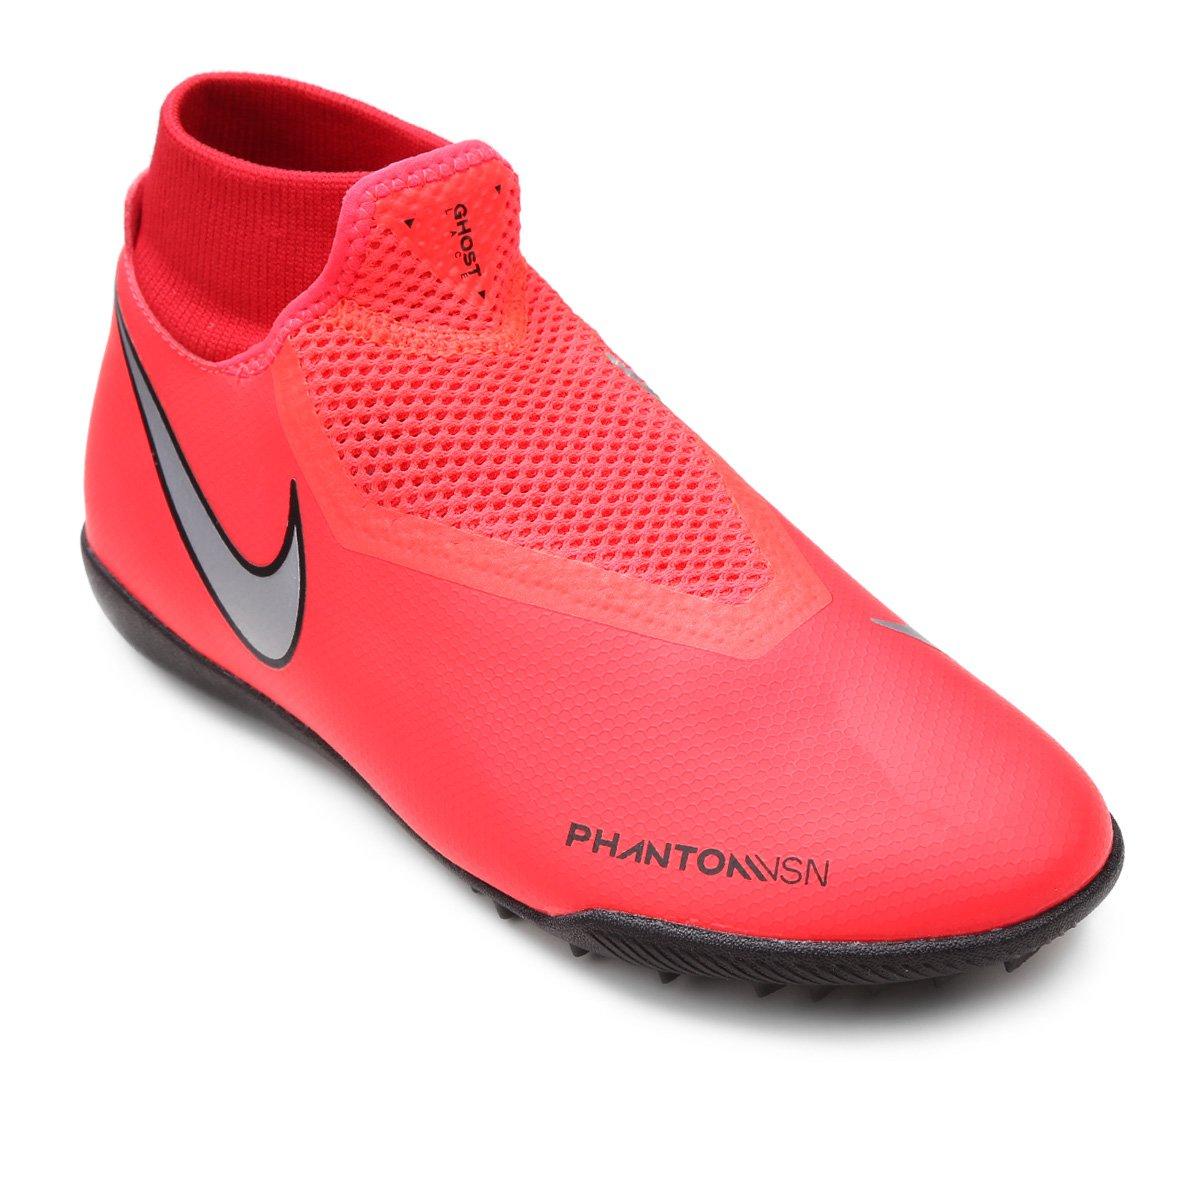 Chuteira Society Nike Phantom Vision Academy DF TF - Vermelho e Prata -  Compre Agora  777bb8c5ce5